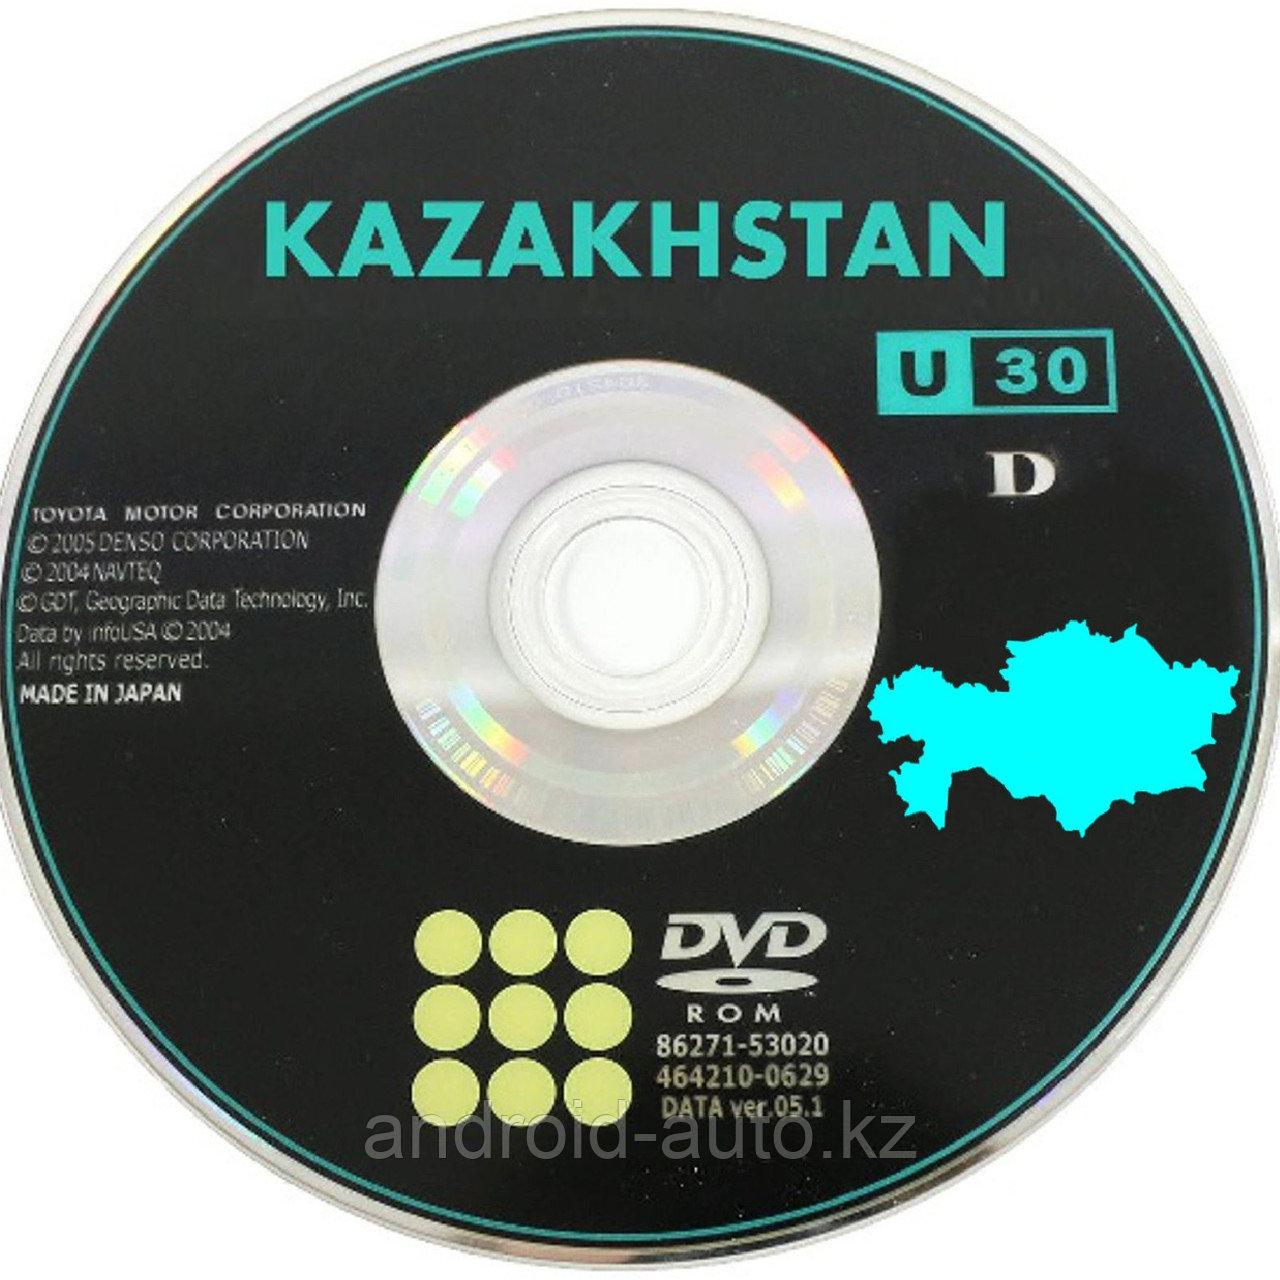 НОВЫЕ за 2020 DVD Карты навигации по КАЗАХСТАНУ и Киргизии для LEXUS GS300 S160 S161 c 2000-2003 годы выпуска